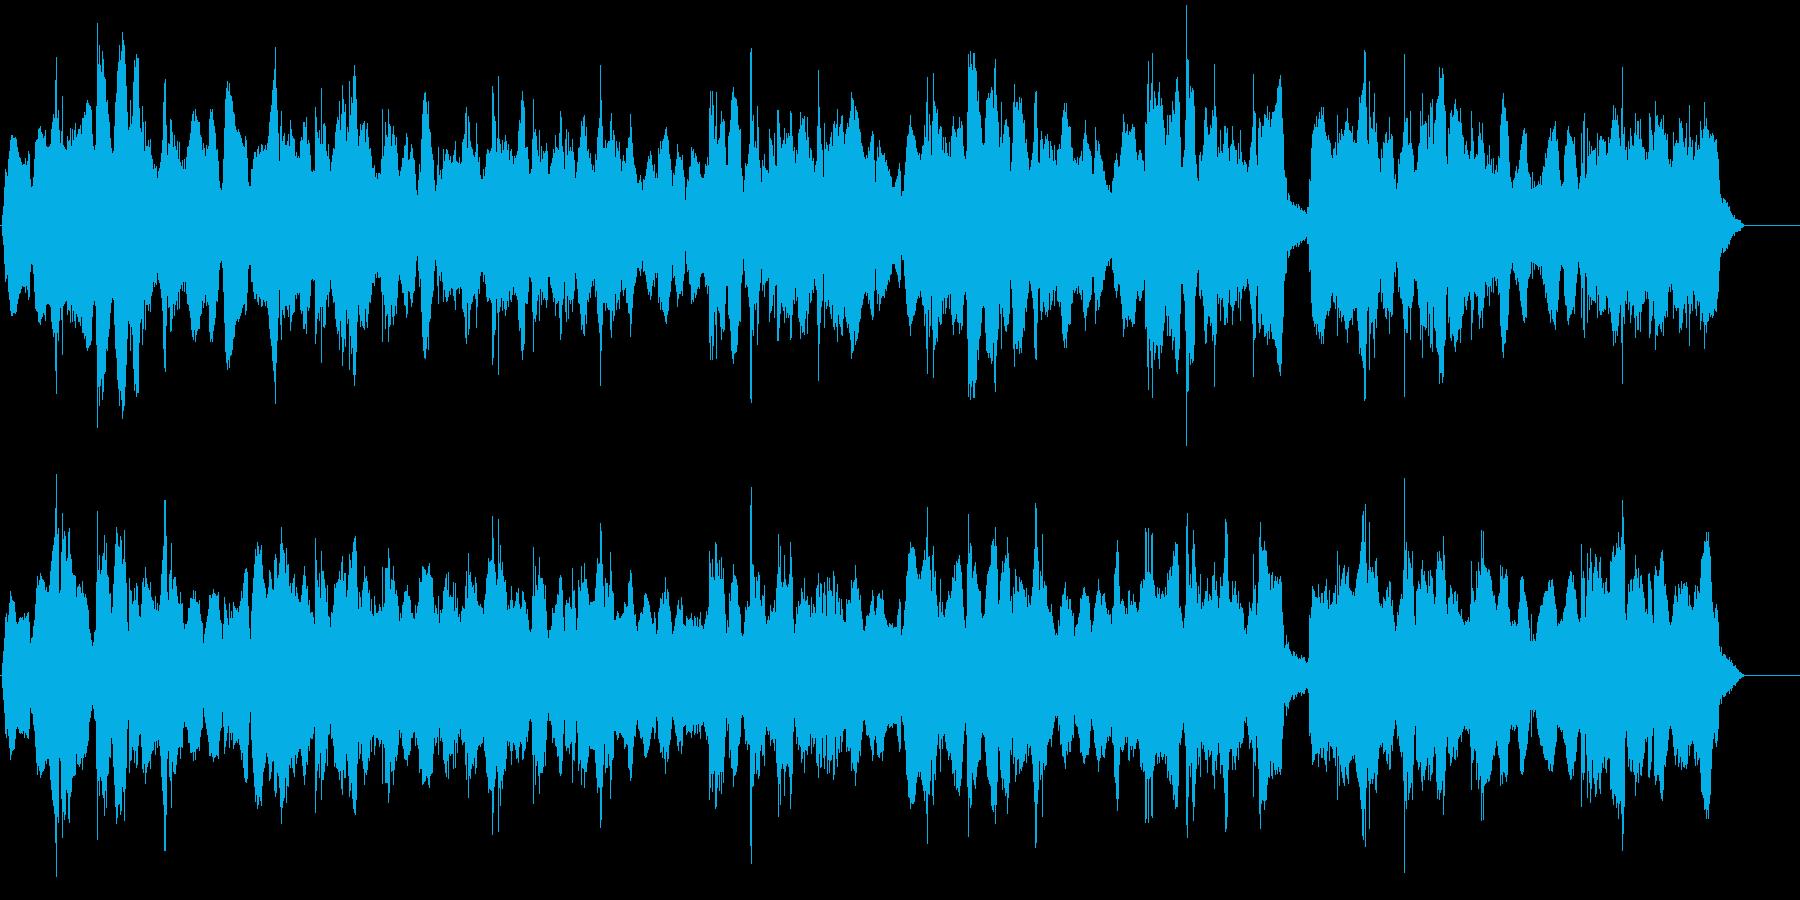 戦国時代や三国志をイメージした民族的な曲の再生済みの波形